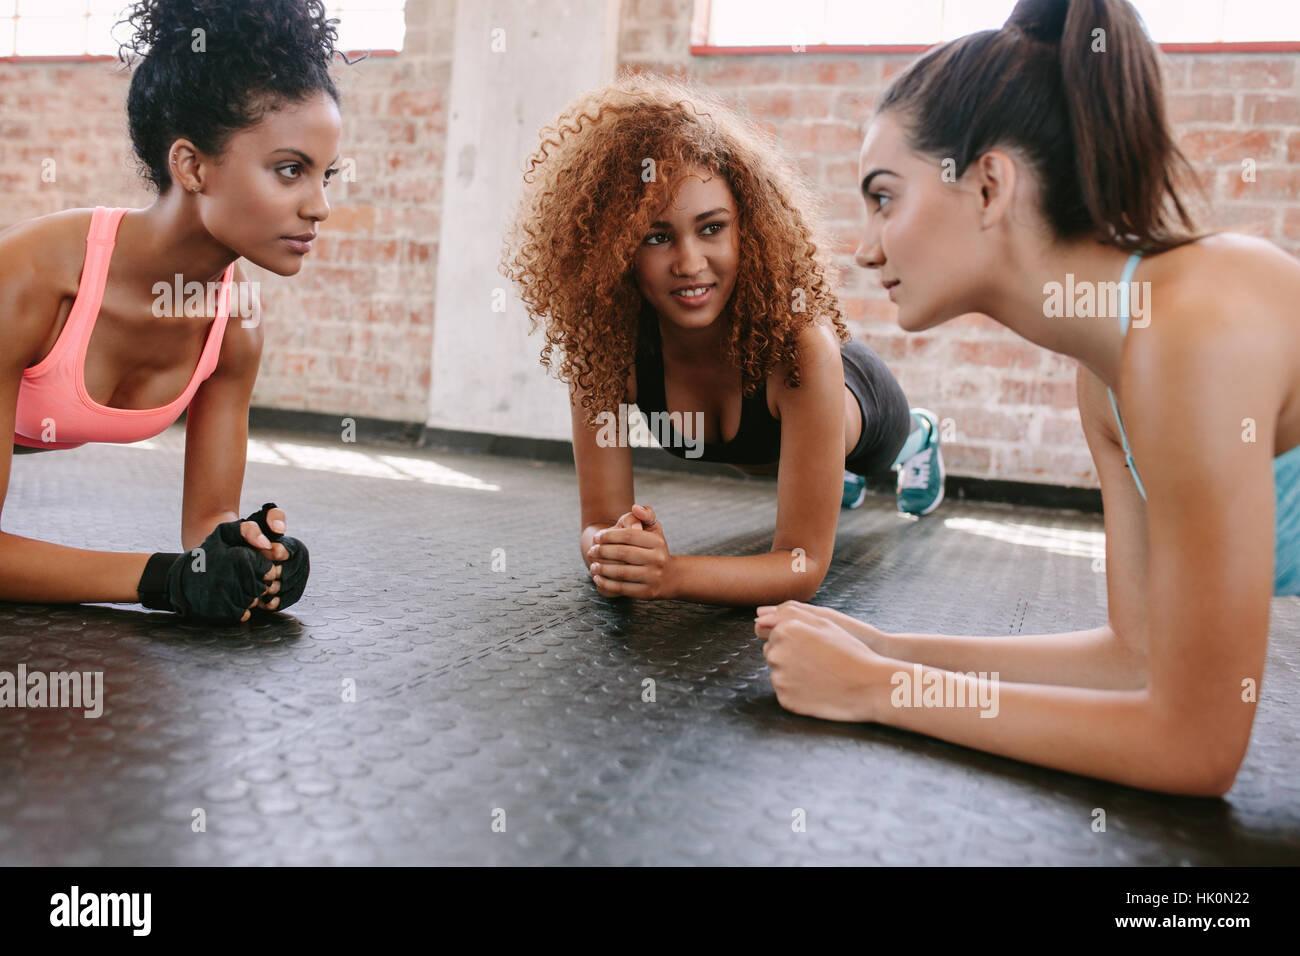 Trois jeunes femmes faisant pompes ensemble dans une salle de sport. Groupe de femmes travaillant à l'healthclub. Banque D'Images